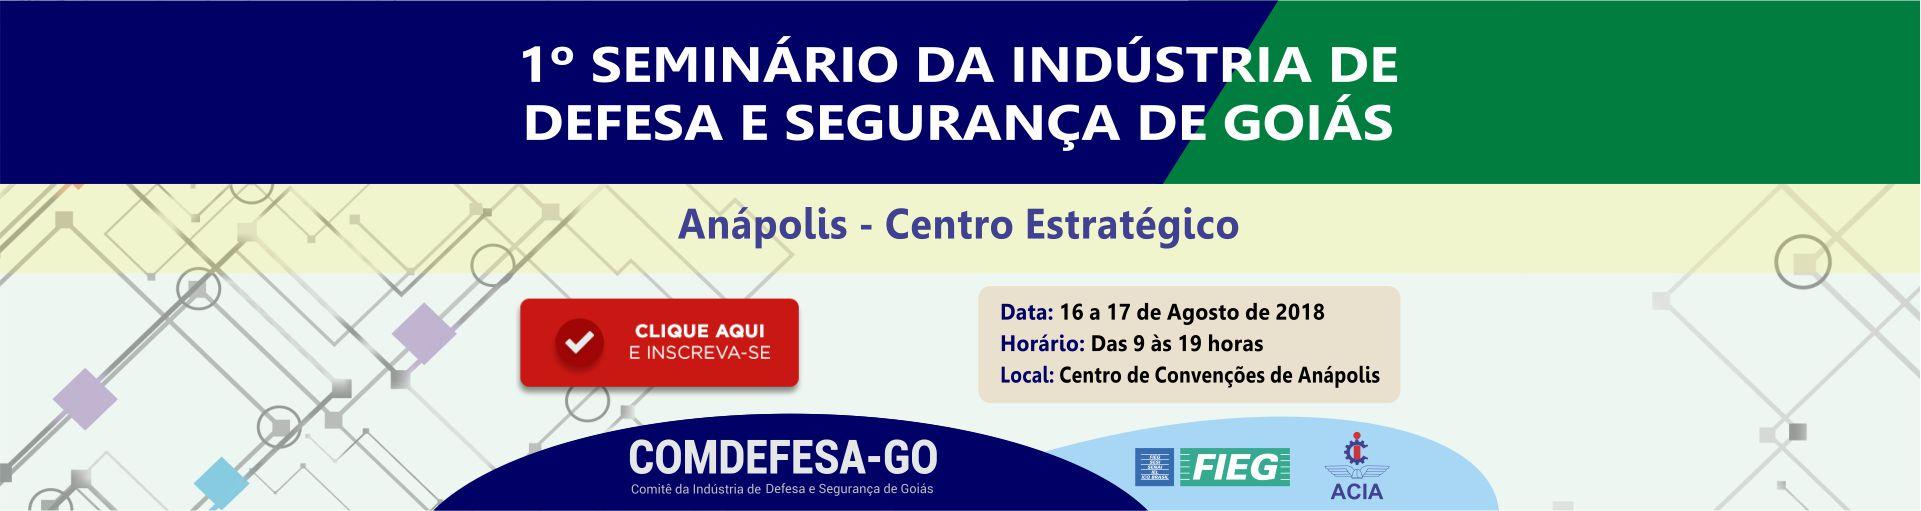 banner-seminario2